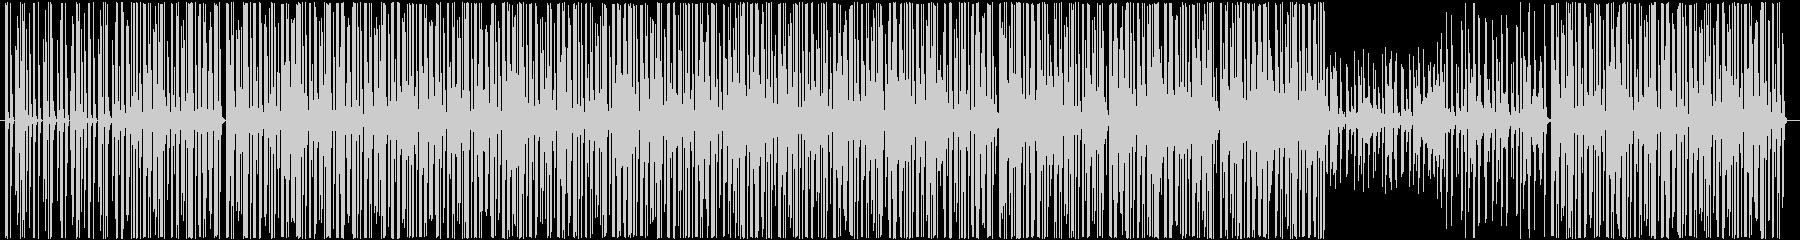 軽快かつ浮遊感のあるテクノサウンドの未再生の波形